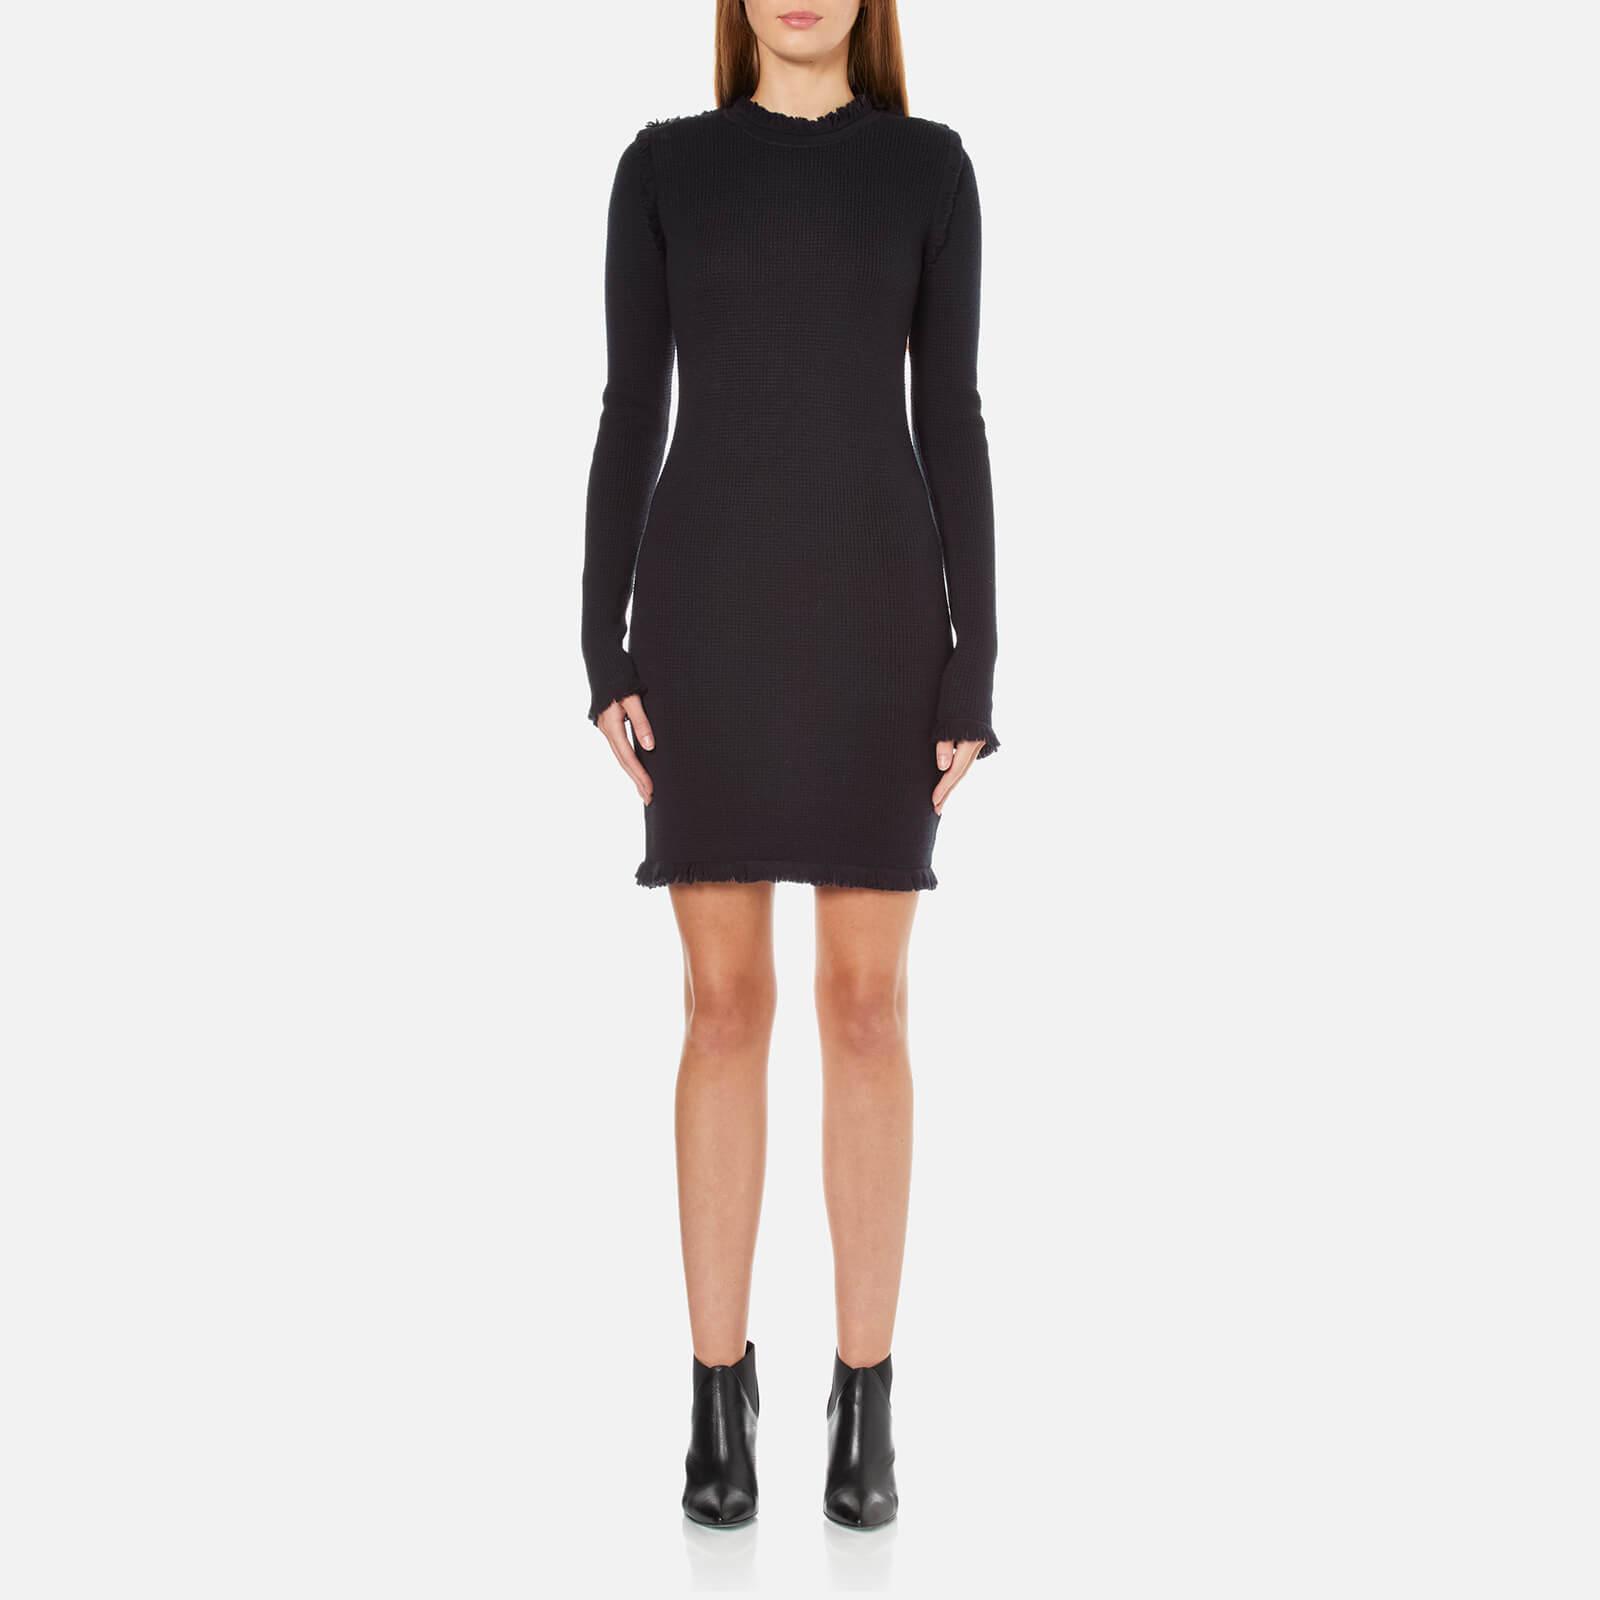 8e7c42606b MICHAEL MICHAEL KORS Women s Fine Fringe Dress - Navy - Free UK Delivery  over £50